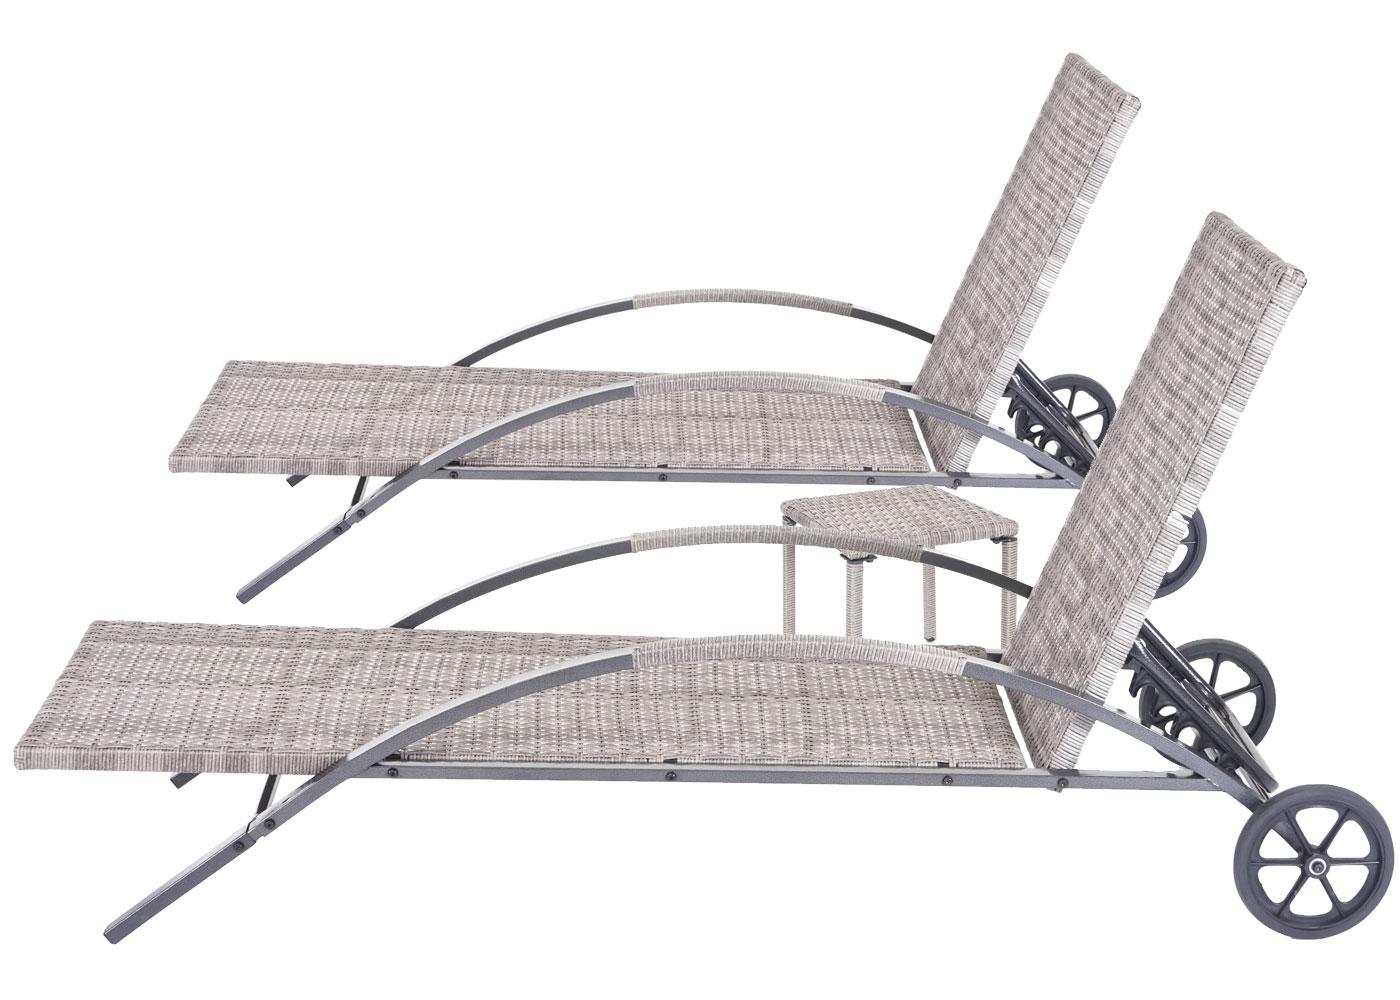 Sonnenliege HWC-E27 mit Tisch ohne Auflagen Rückenlehne hoch